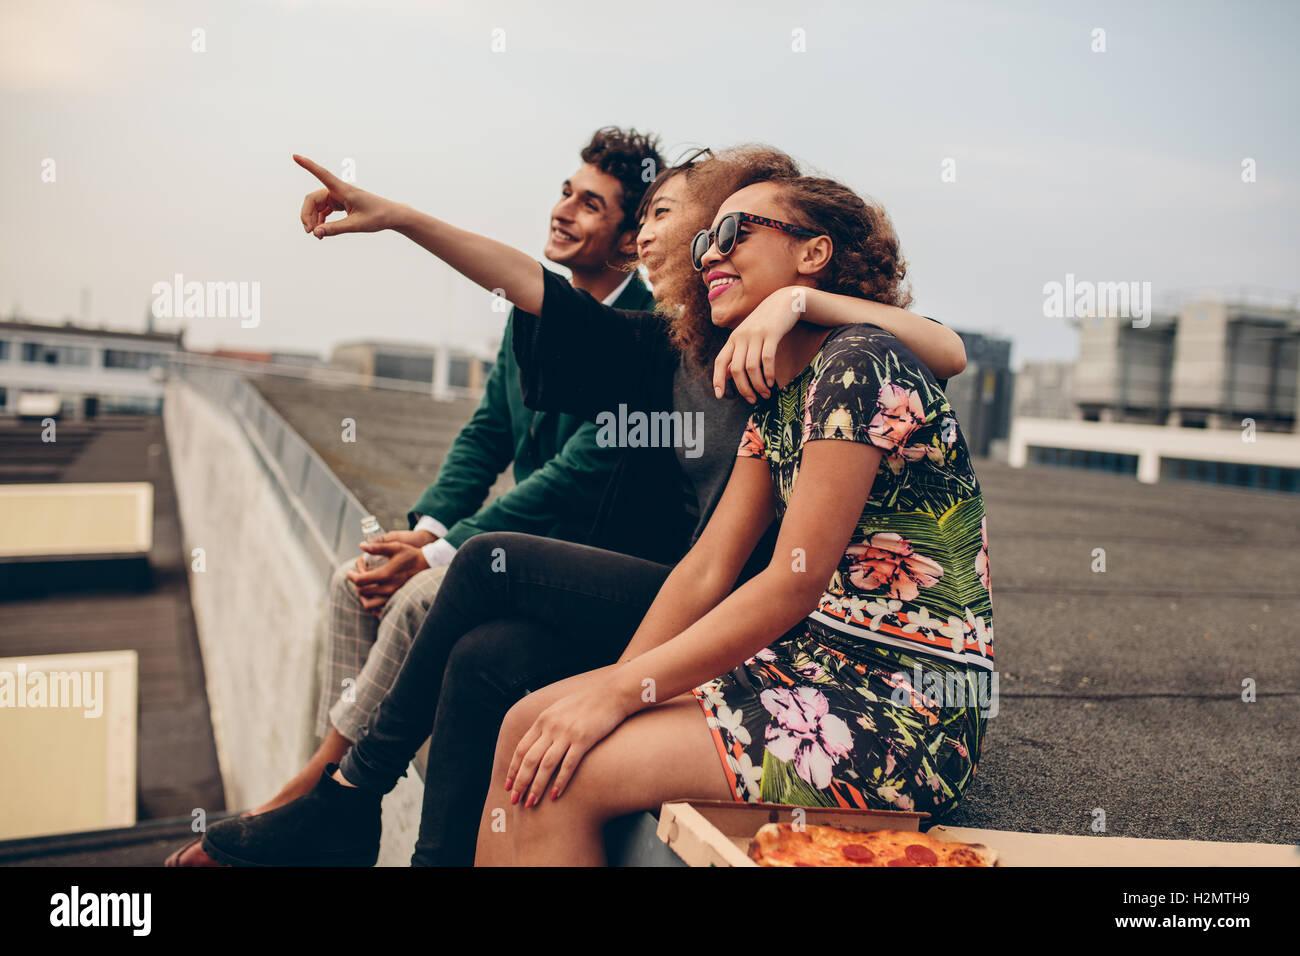 L'homme et de la femme assis sur la terrasse du toit et à la voiture en souriant. Heureux les jeunes amis Photo Stock